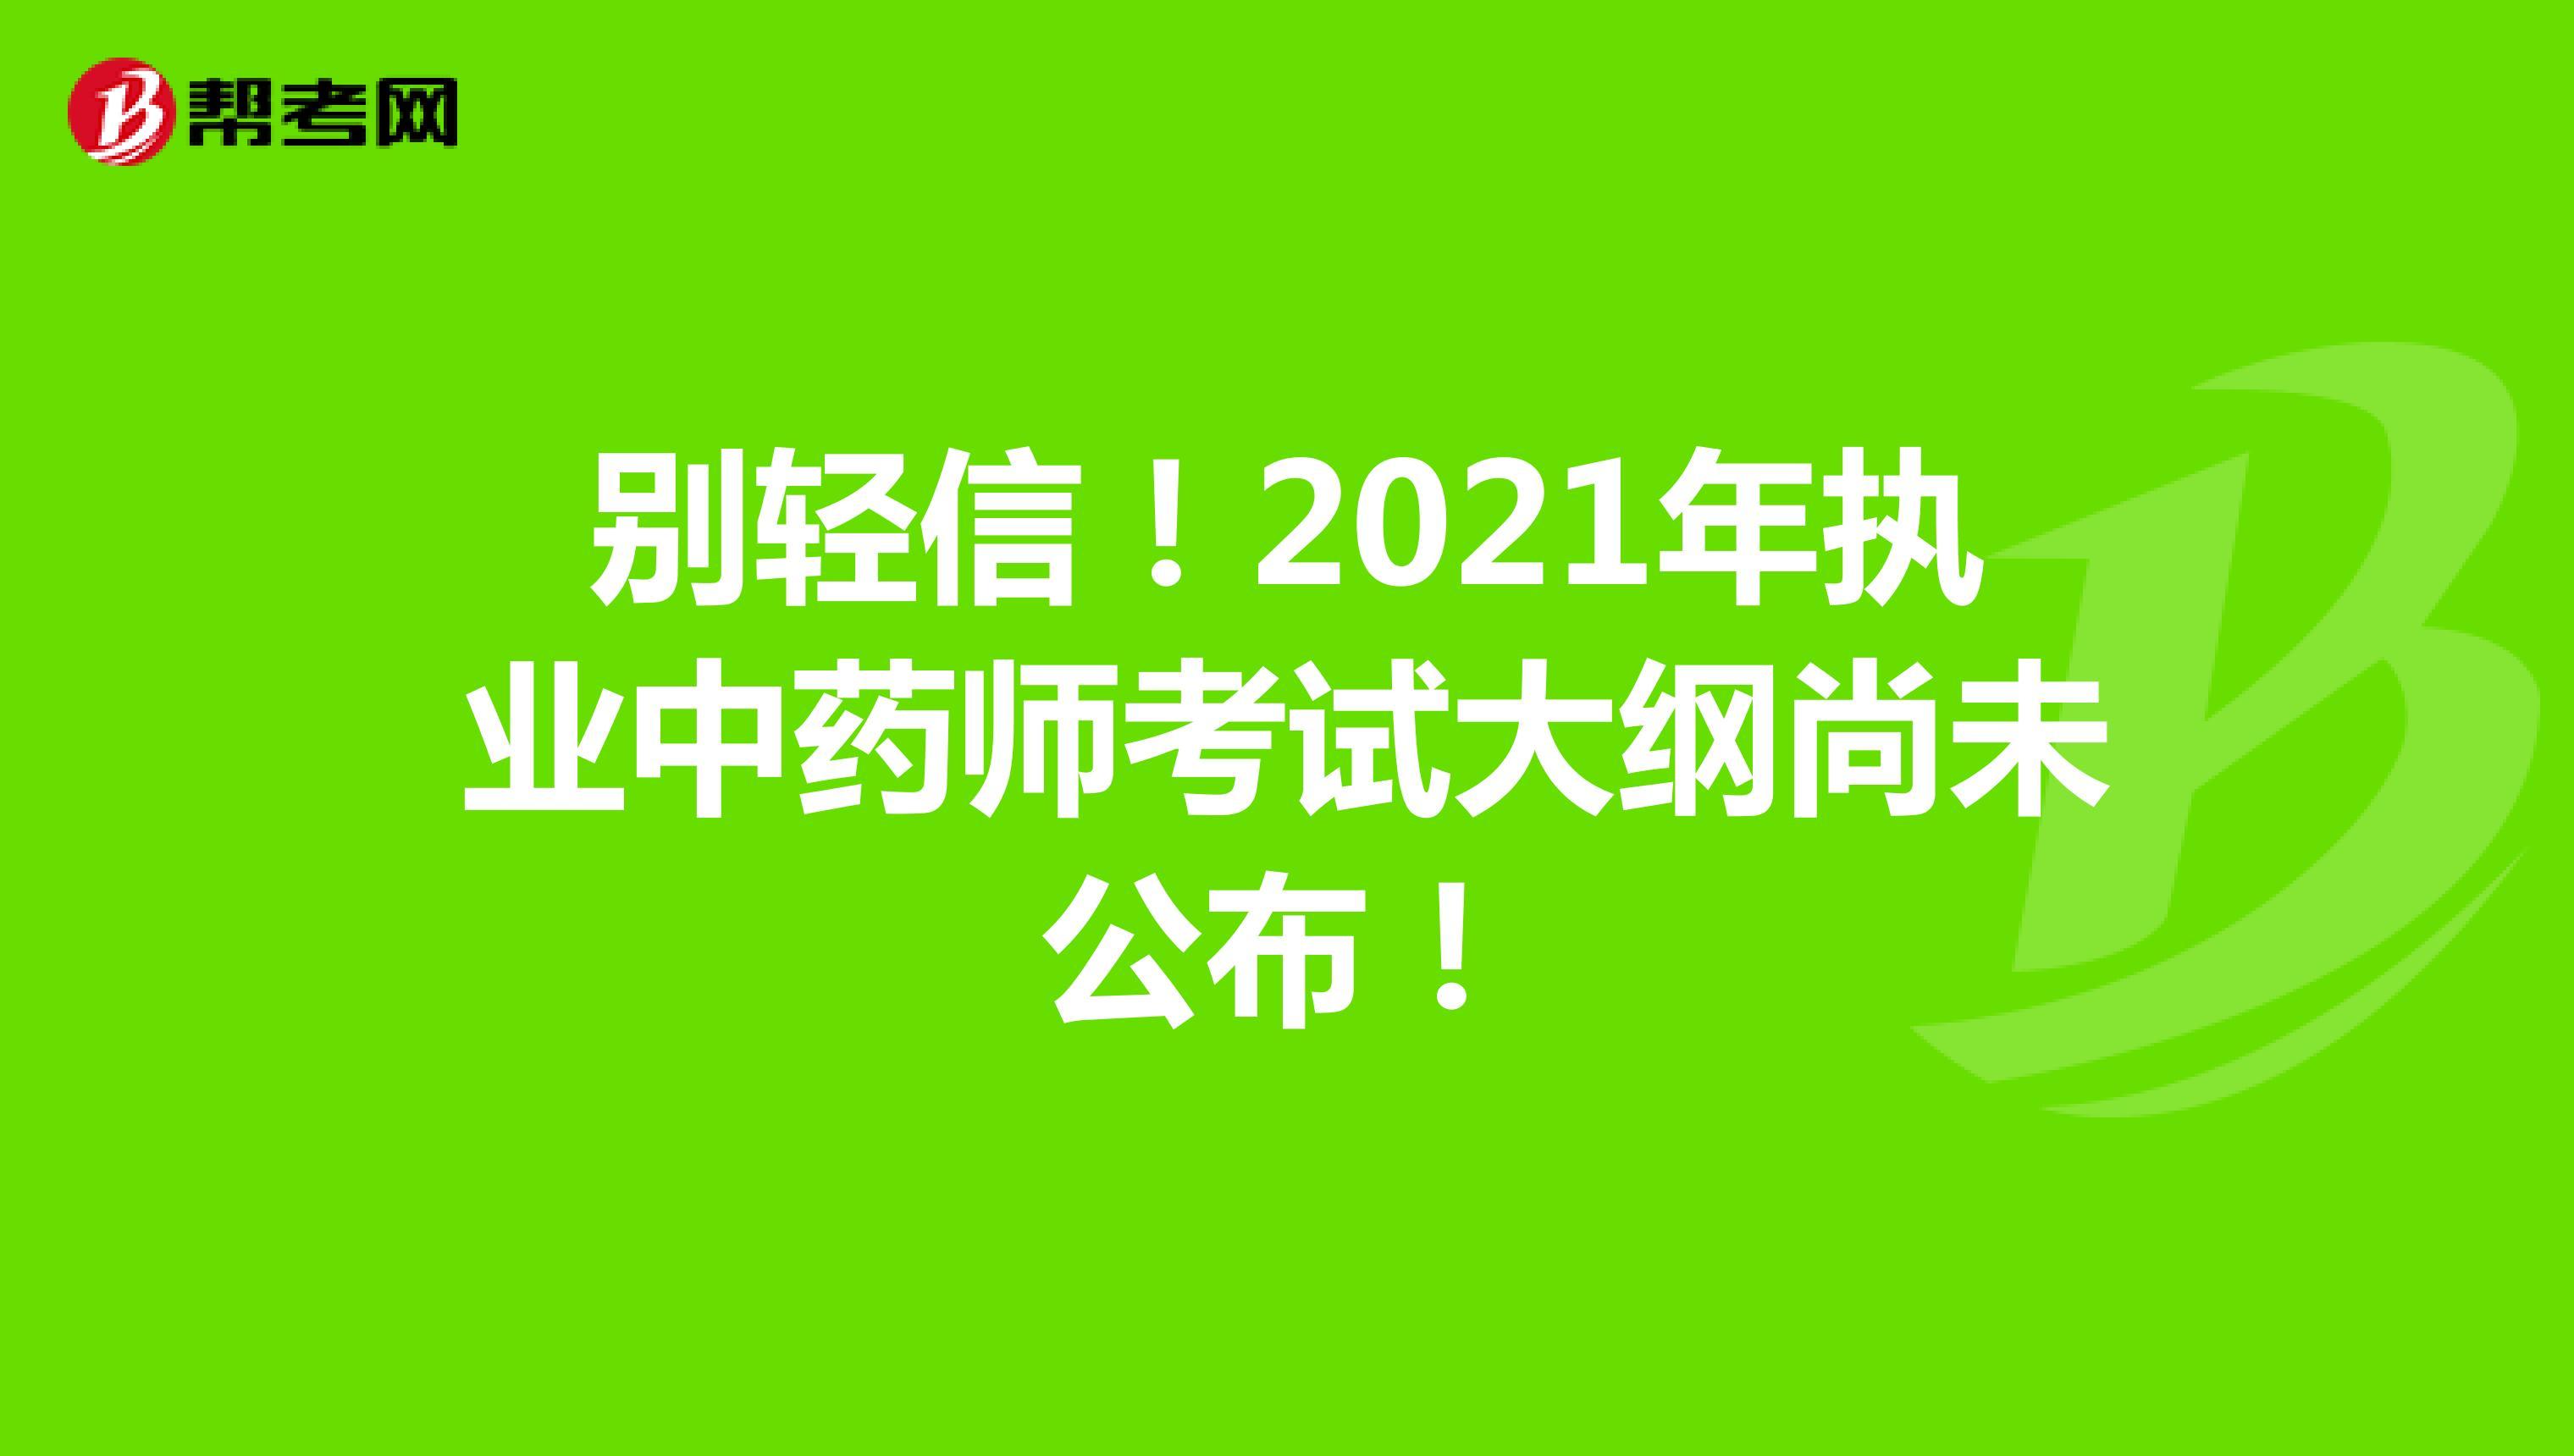 别轻信!2021年执业中药师考试大纲尚未公布!